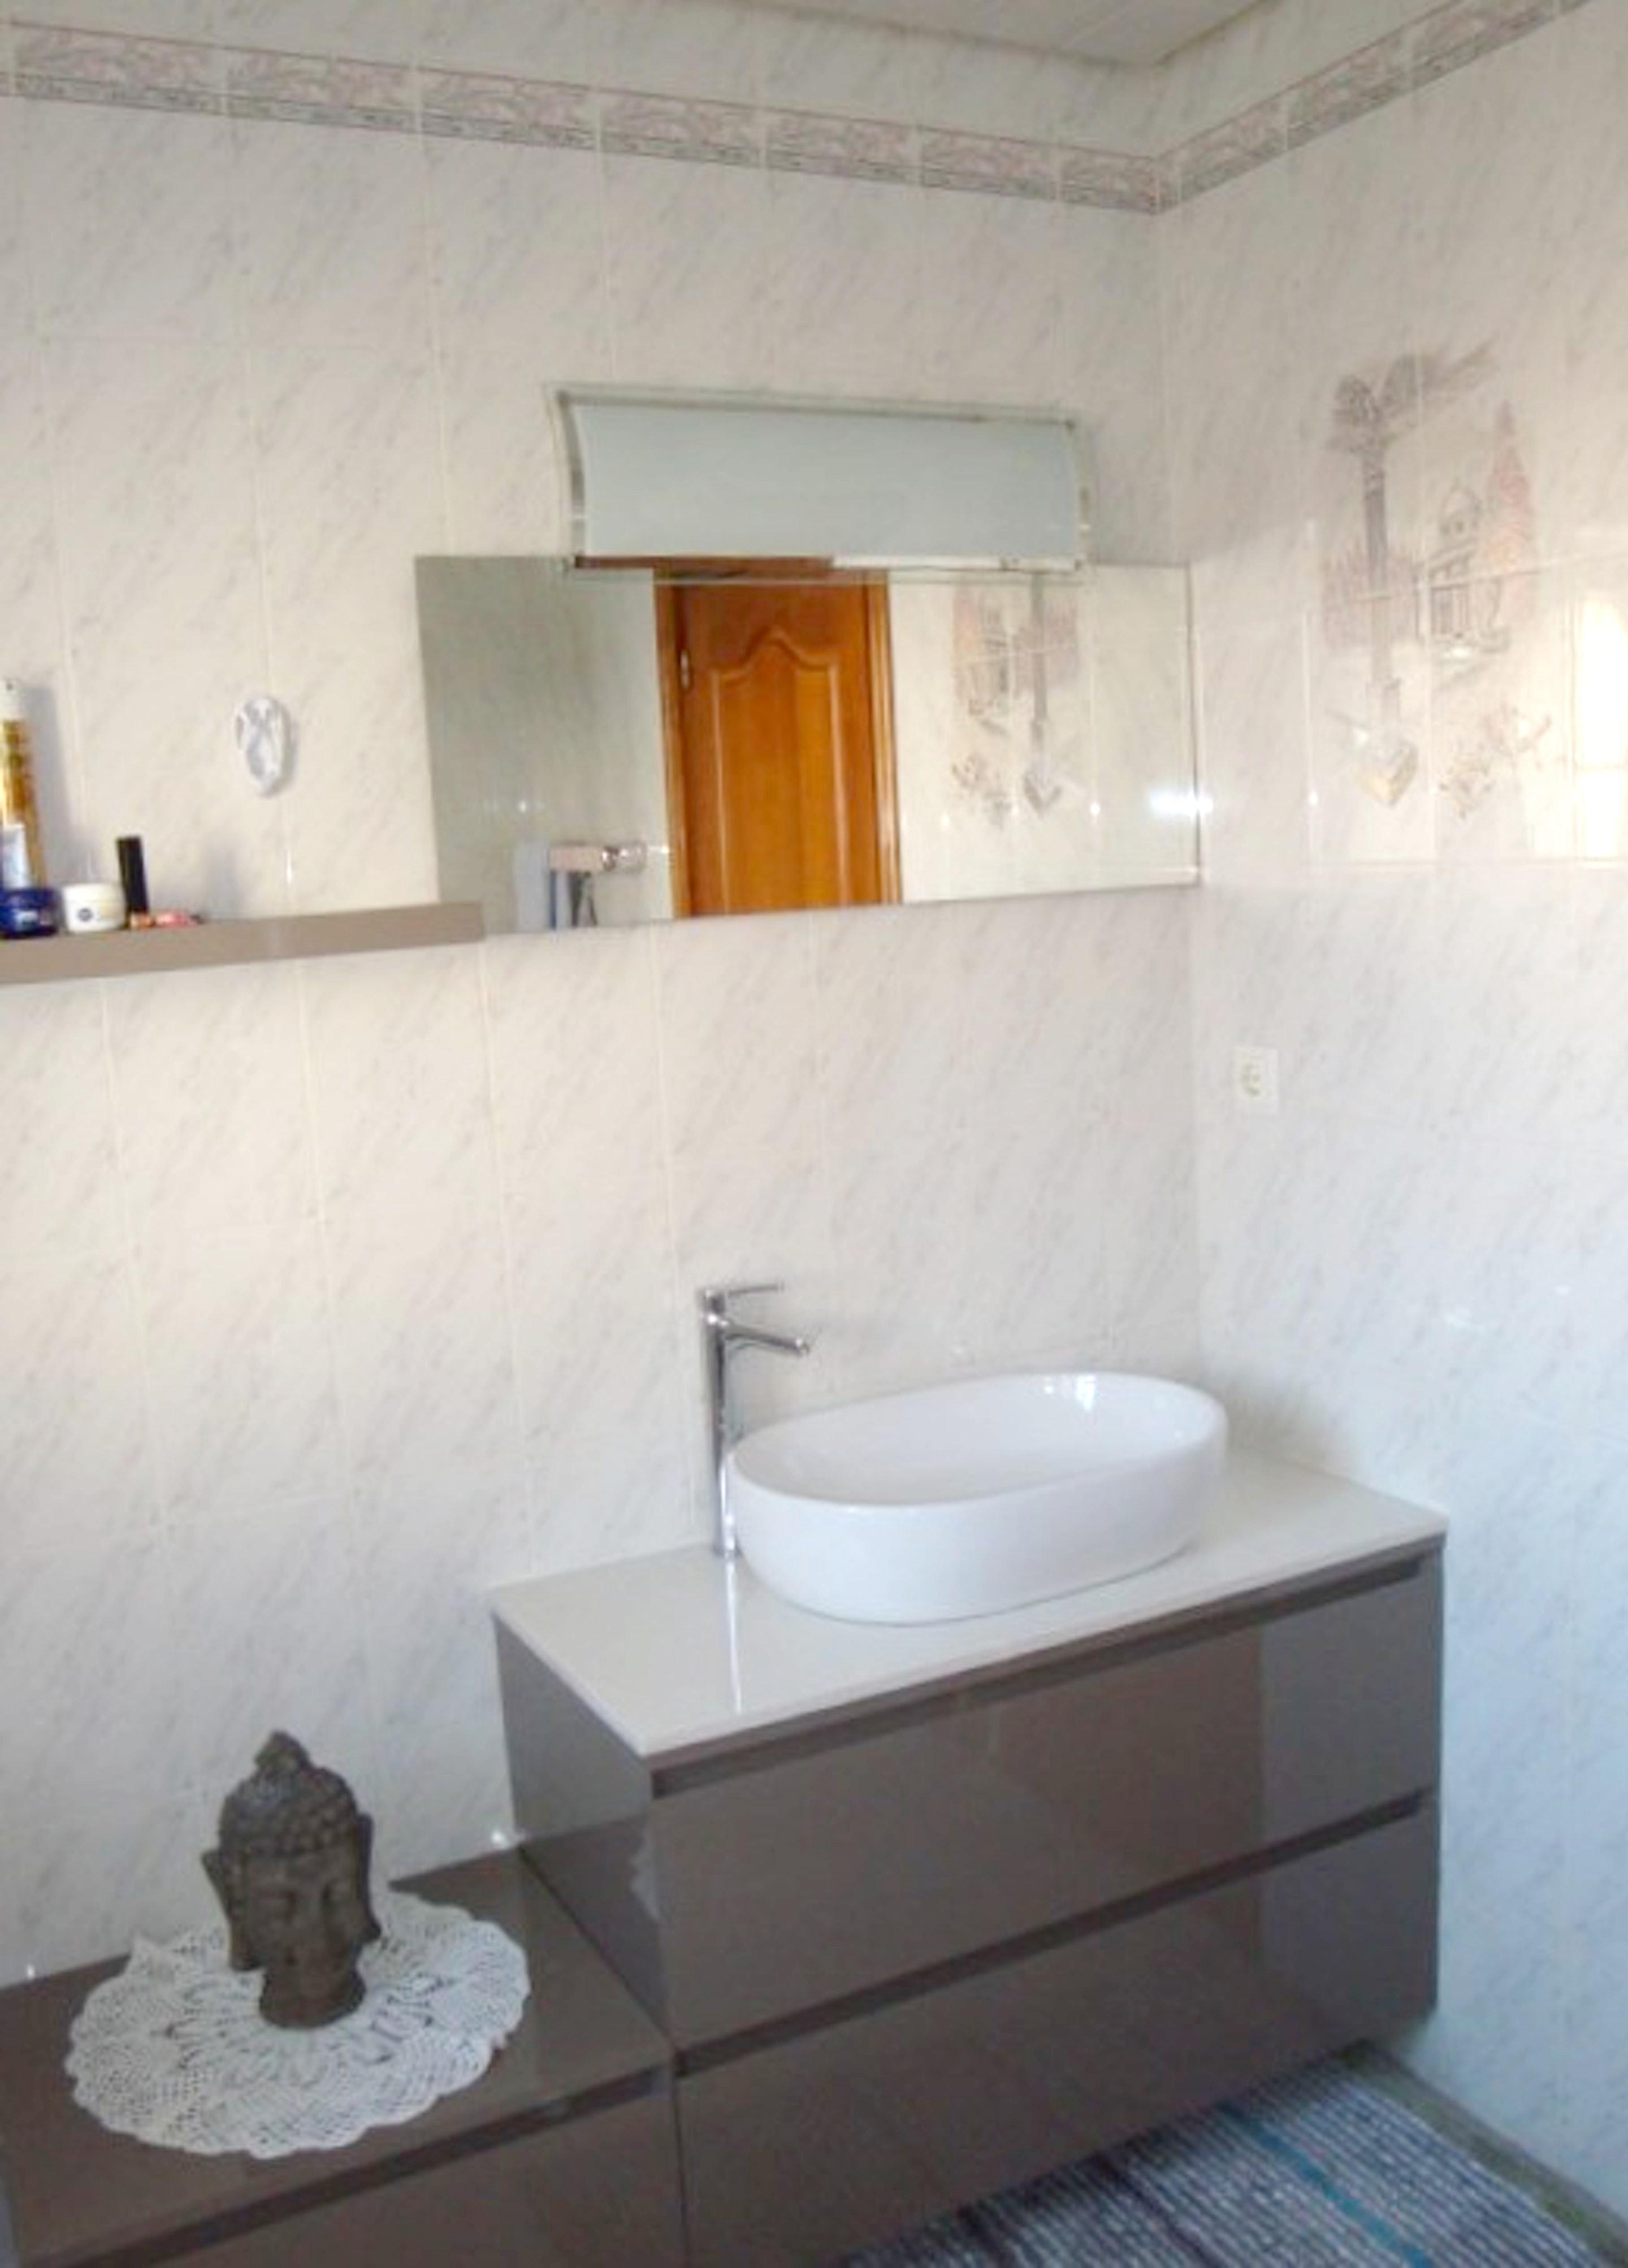 Ferienhaus Villa mit 3 Schlafzimmern in Ampolla mit herrlichem Meerblick, privatem Pool, möbliertem G (2201037), L'Ampolla, Costa Dorada, Katalonien, Spanien, Bild 27